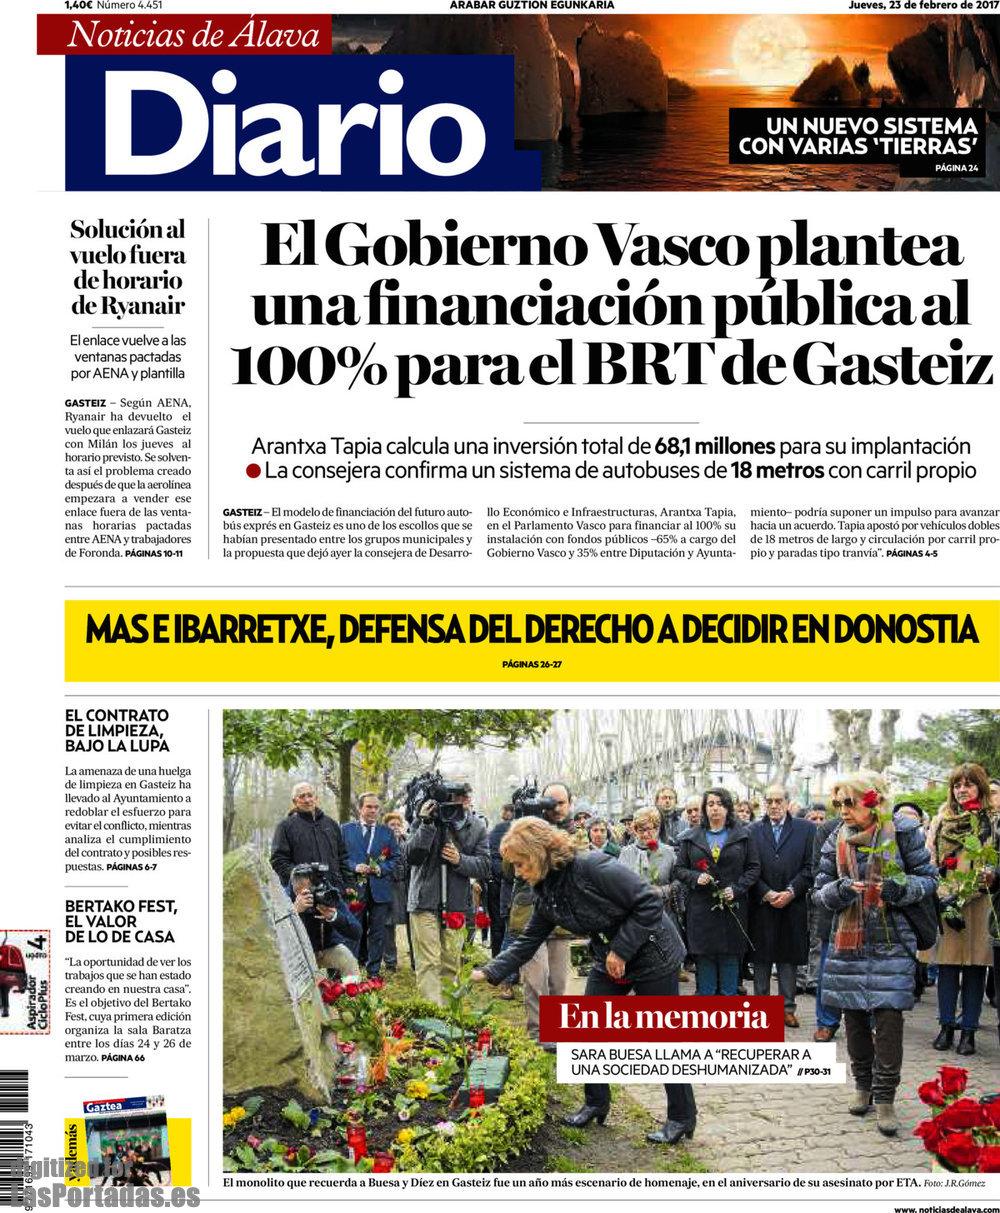 Periodico Diario de Noticias de Álava - 23/2/2017